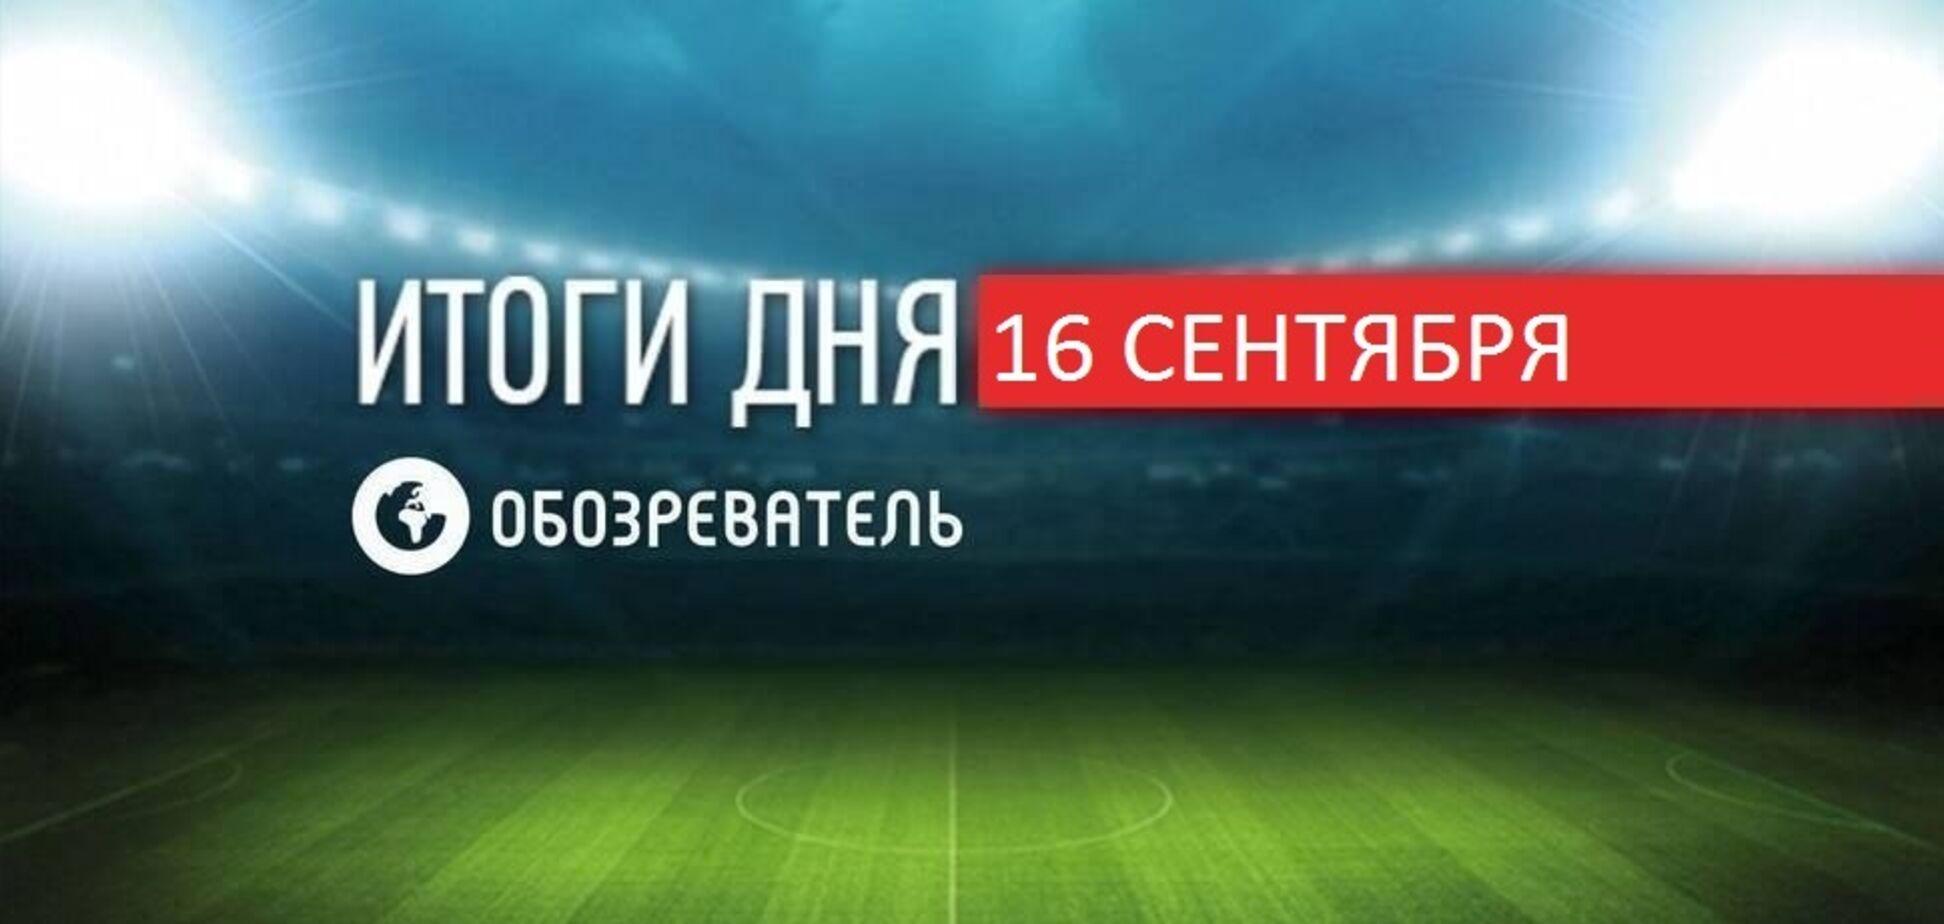 Ультрас 'Динамо' после победы над АЗ сделали заявление по Луческу: итоги спорта 16 сентября